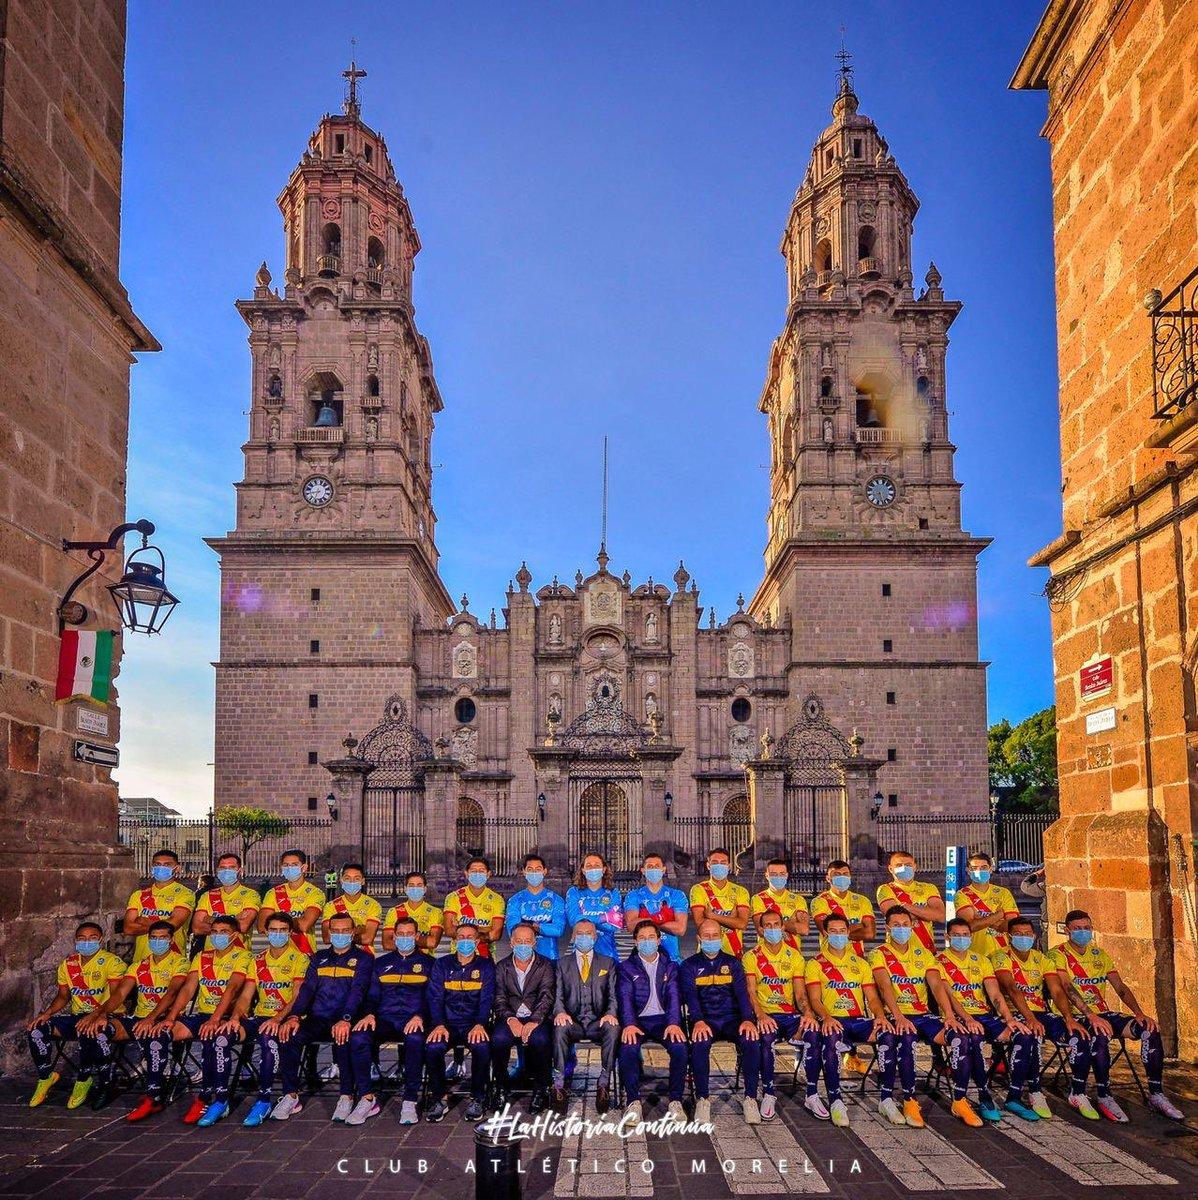 Este sueño llamado Atlético Morelia lo compartimos con toda la afición, unidos; seguiremos forjando nuestra historia. Primera Foto Oficial de nuestro equipo https://t.co/Opd9XLIwfq